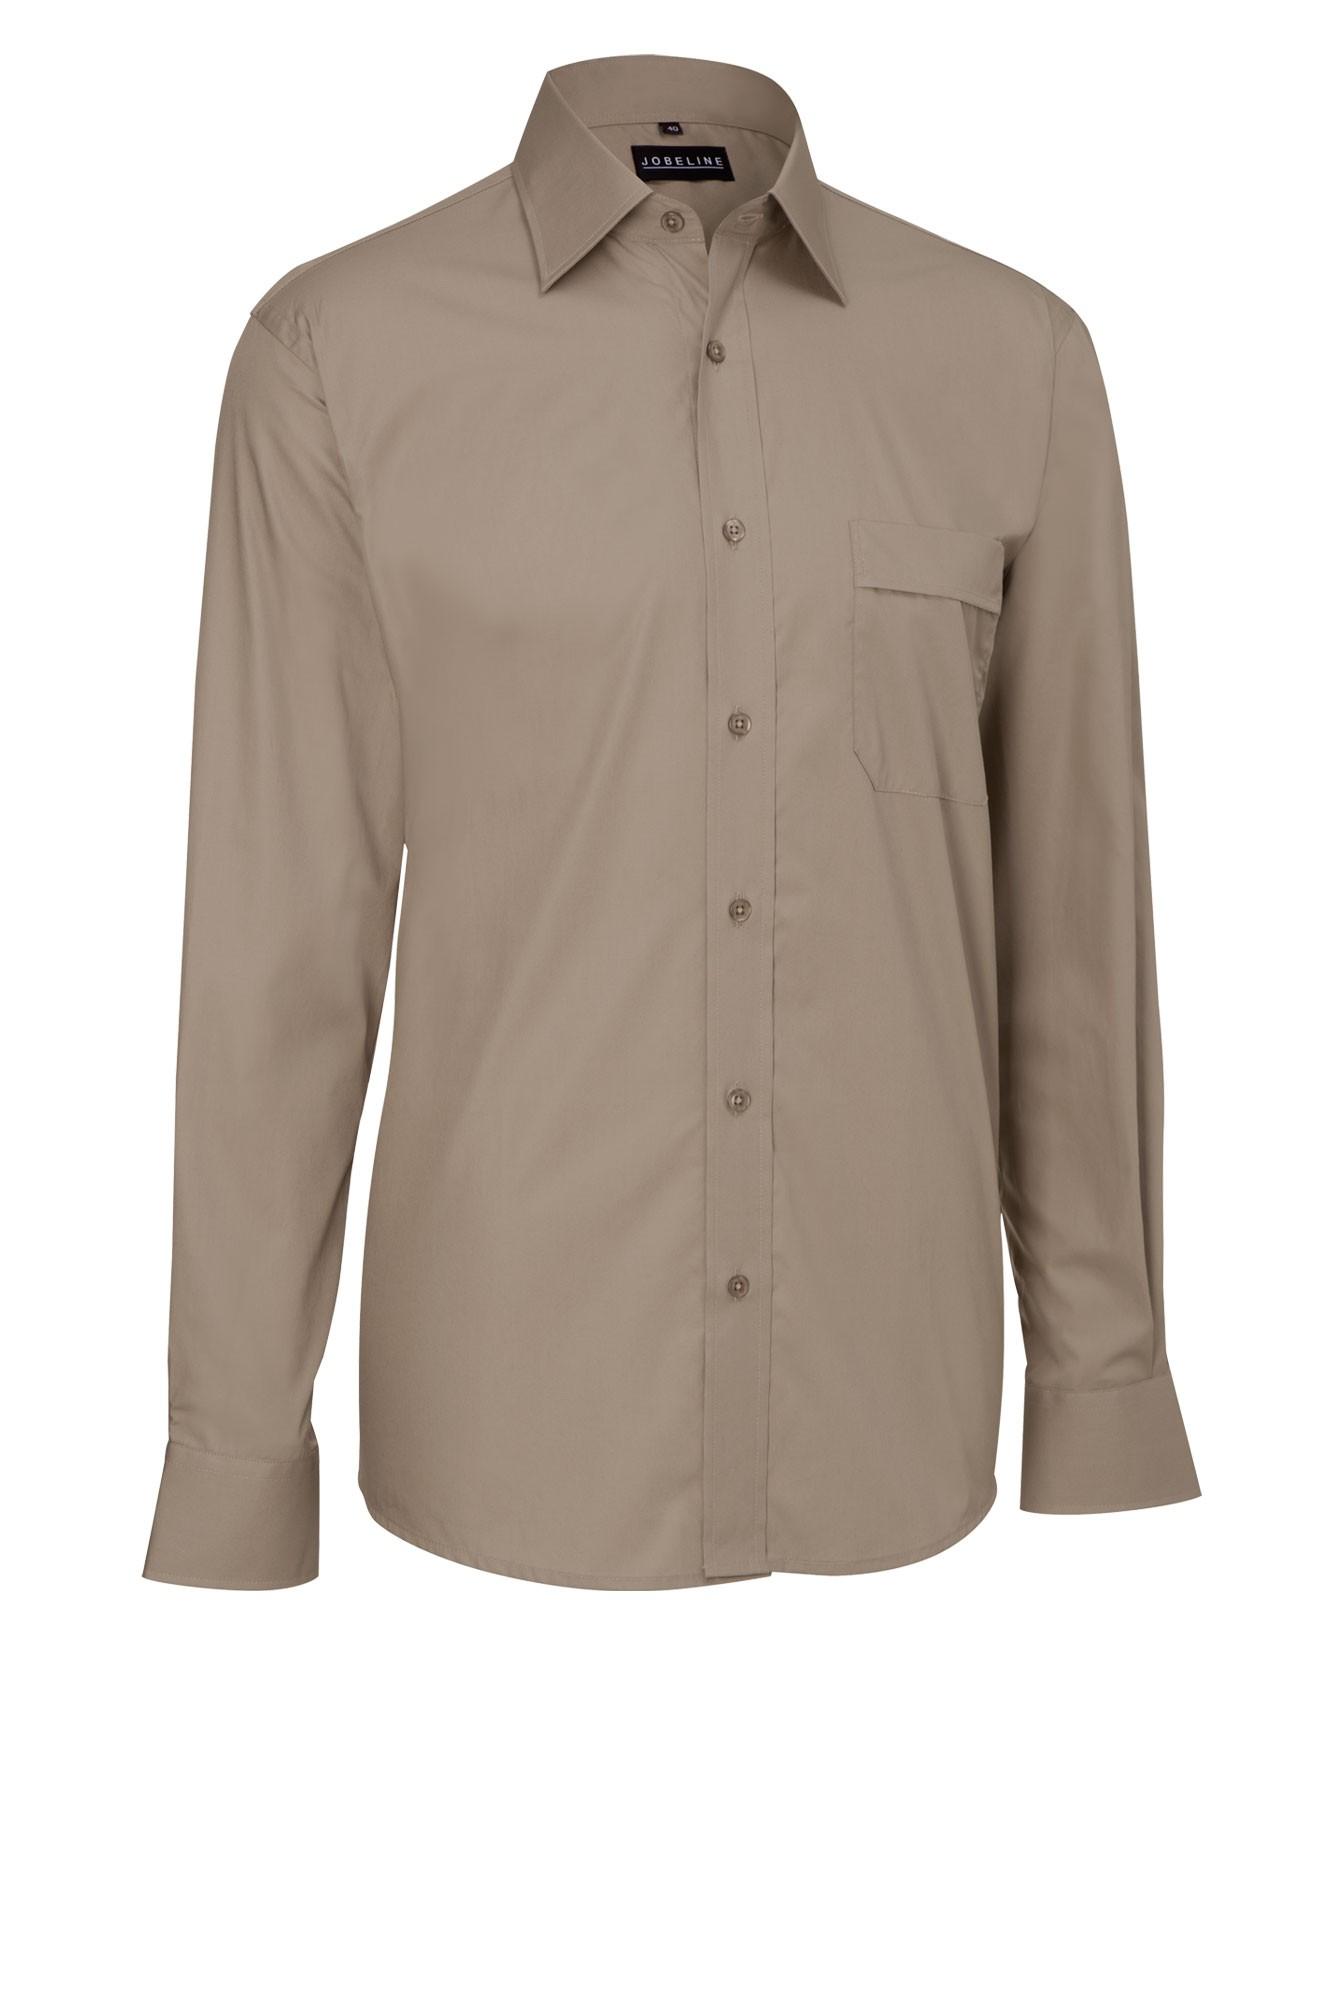 Pánská košile Marc - šedohnědá/dlouhý rukáv